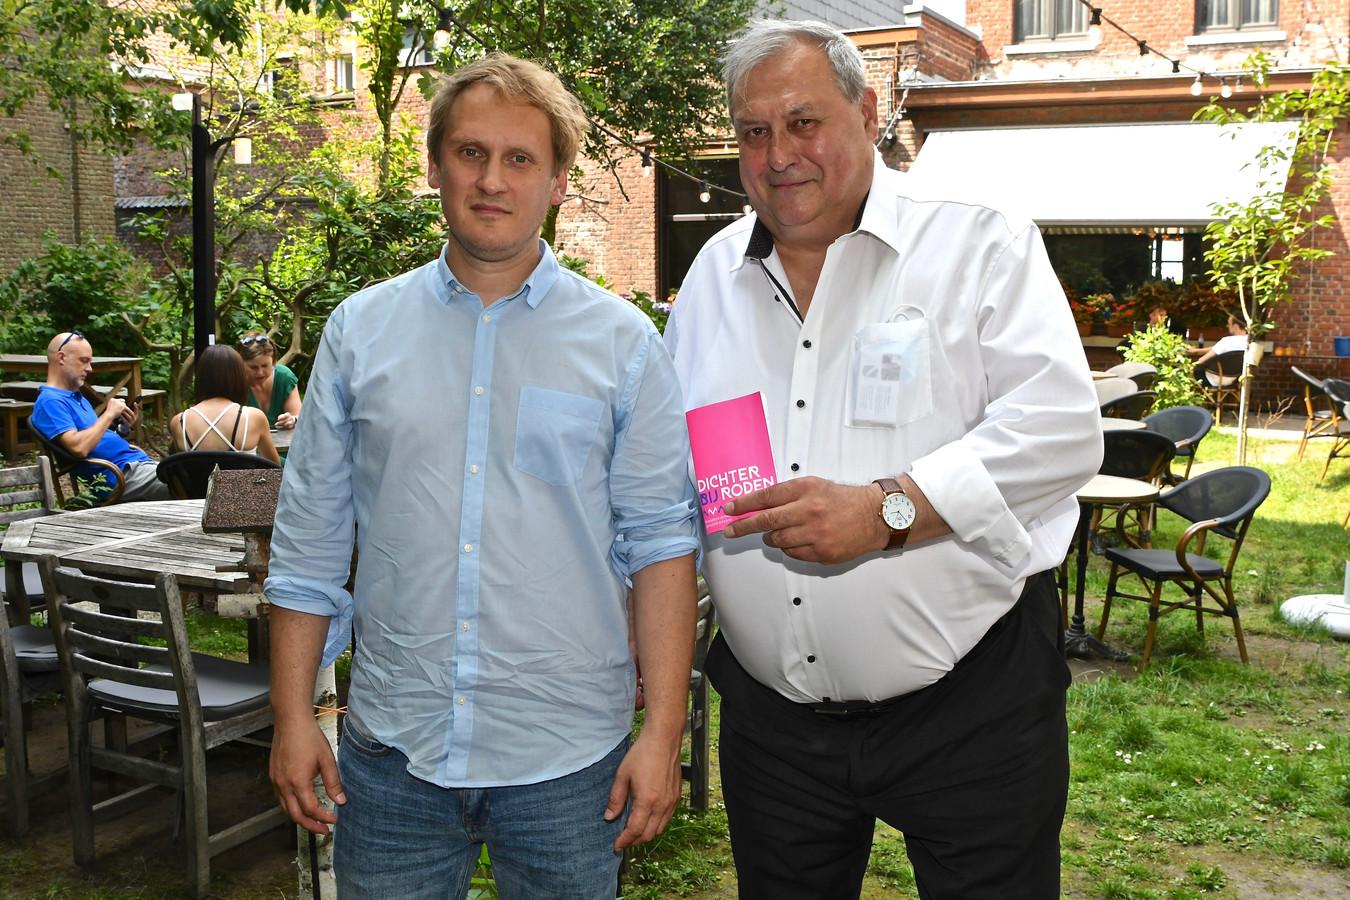 Schepen Dirk Lievens stelt Edward Hoornaert voor als kersvers stadsdichter.